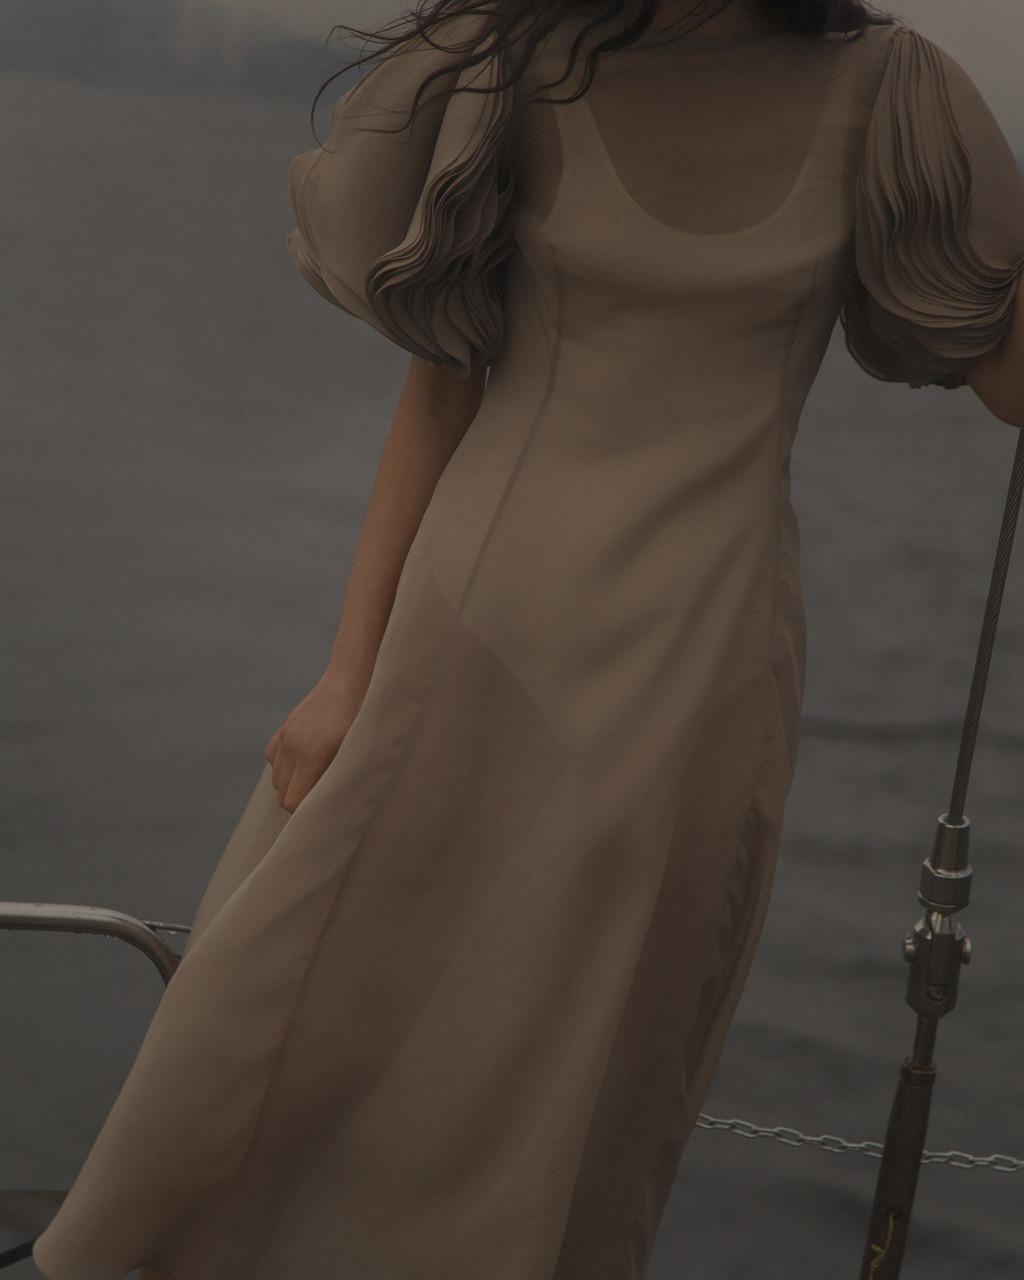 ANASTASIYA LISITSYNA - Yacht story for MY812